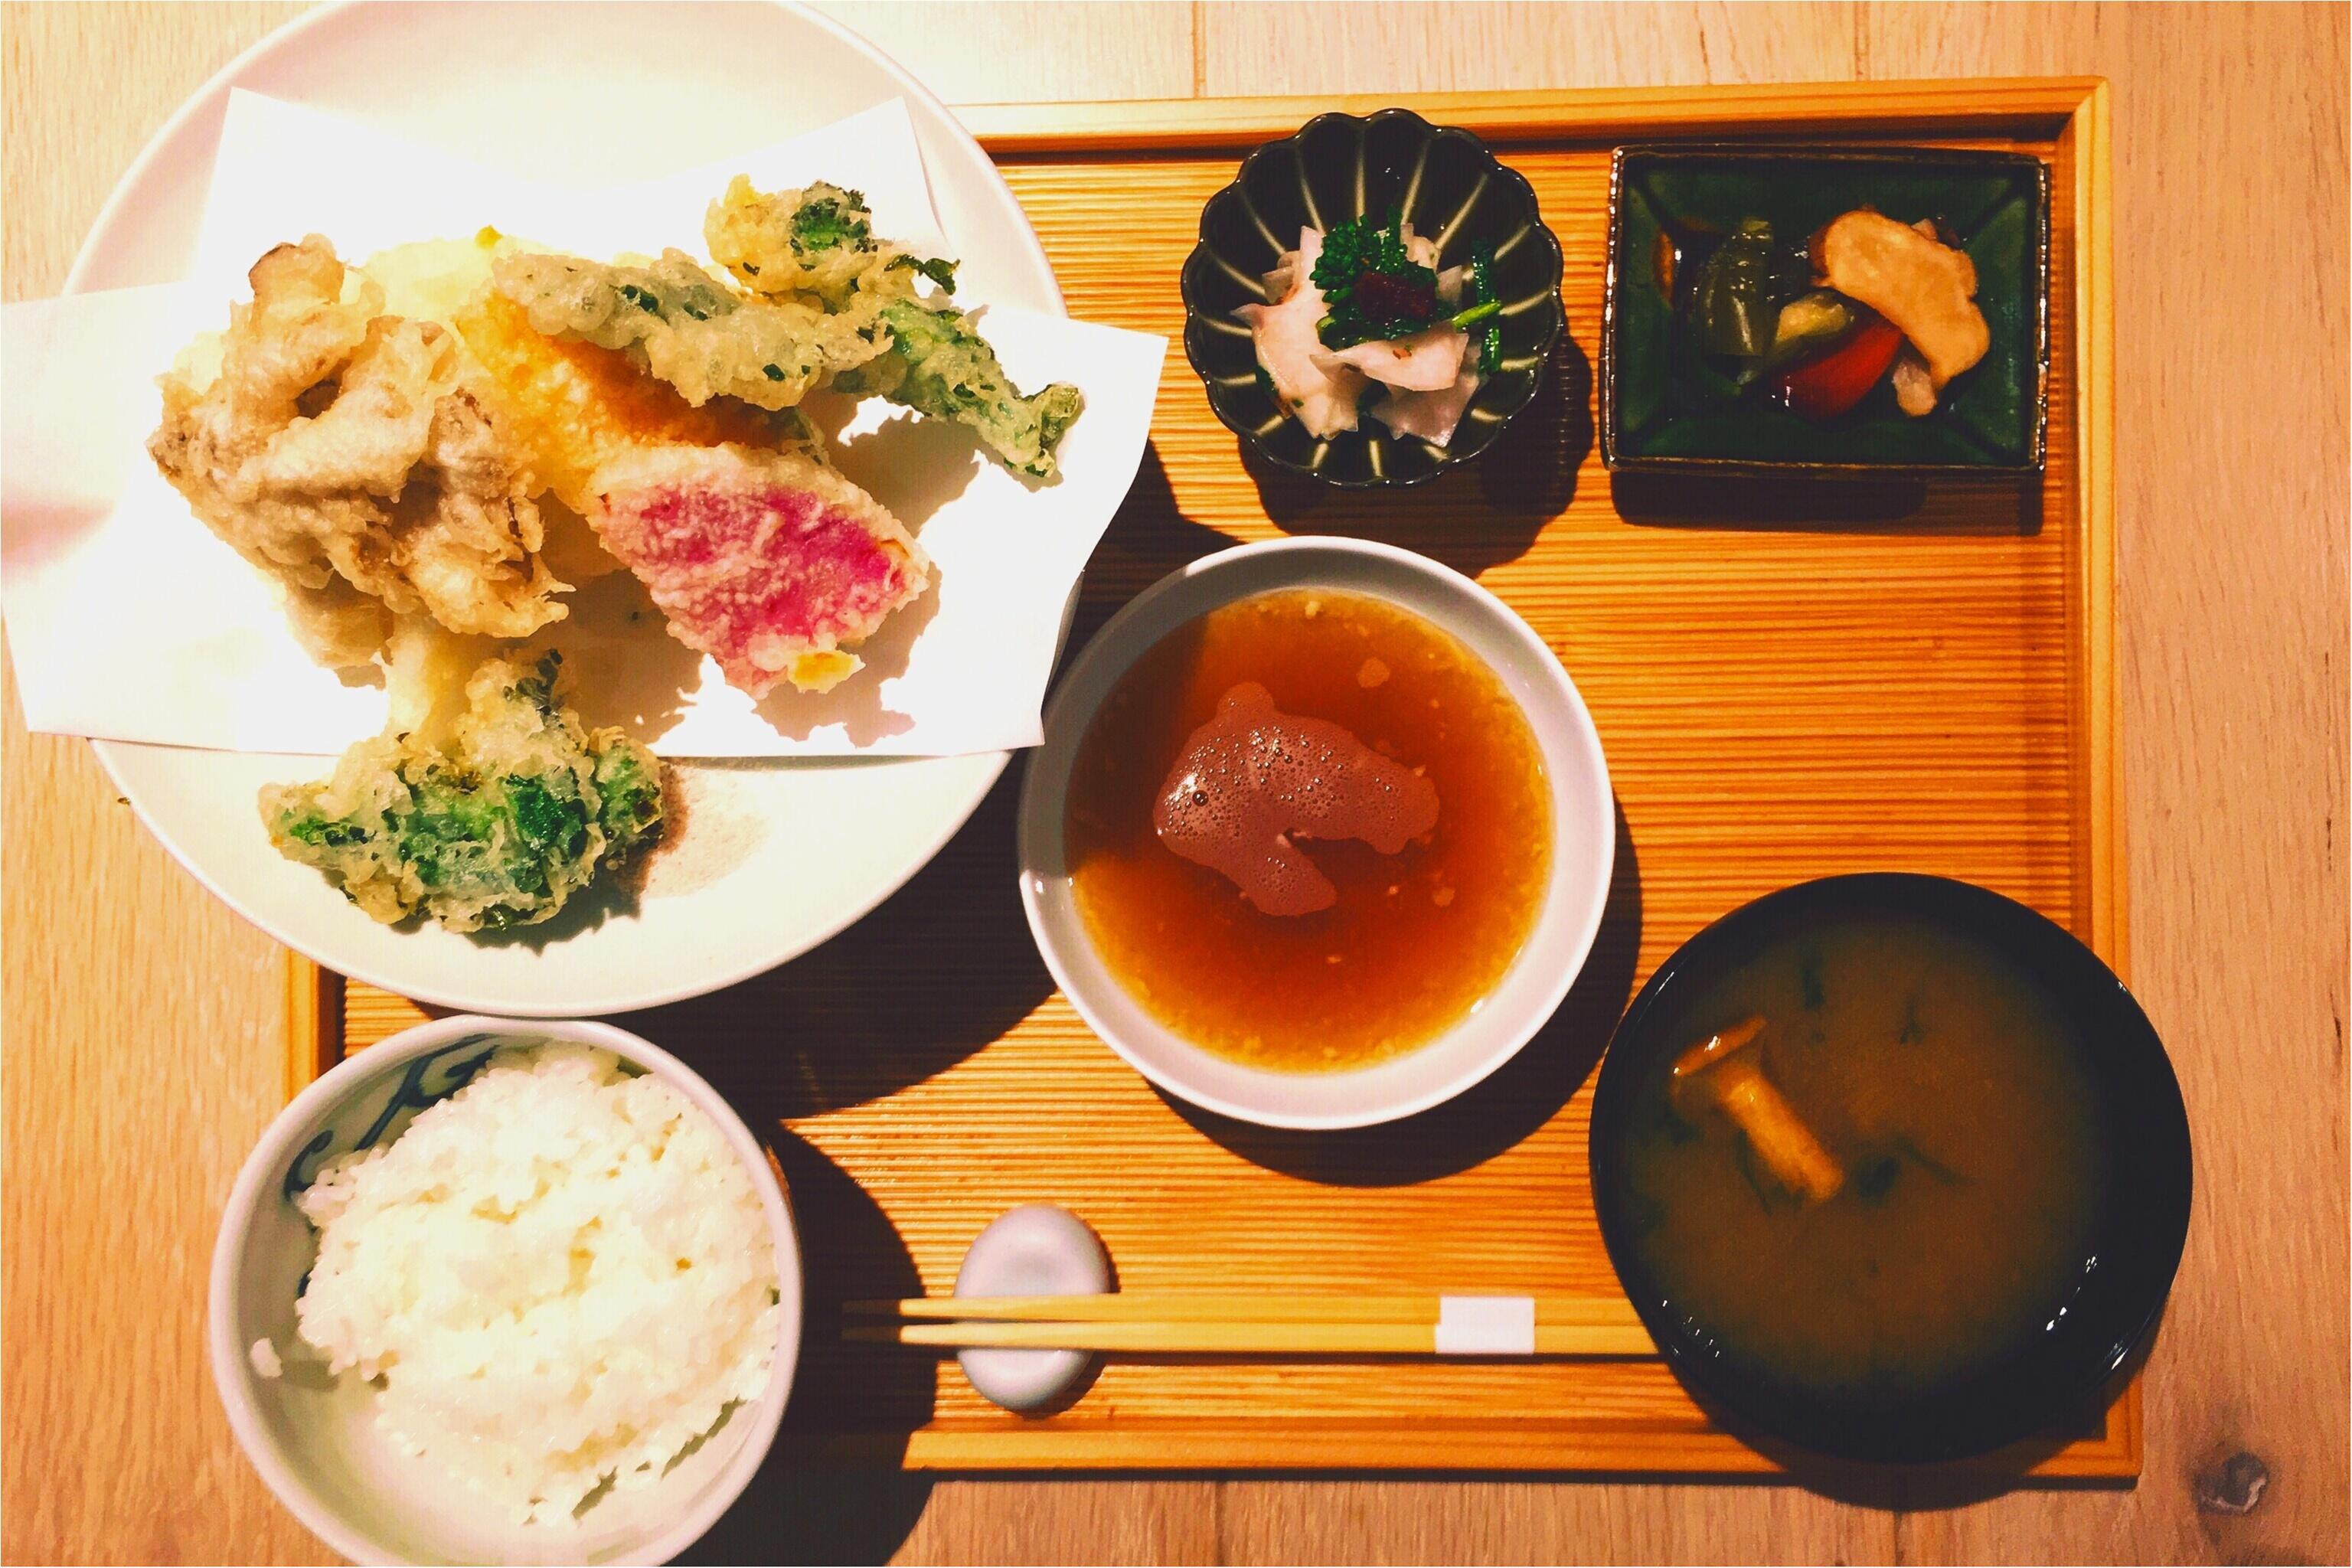 お米がこんなにも美味しい!銀座おすすめ和食処!からだが元気になる丁寧なお食事(*´︶`*)♡_1